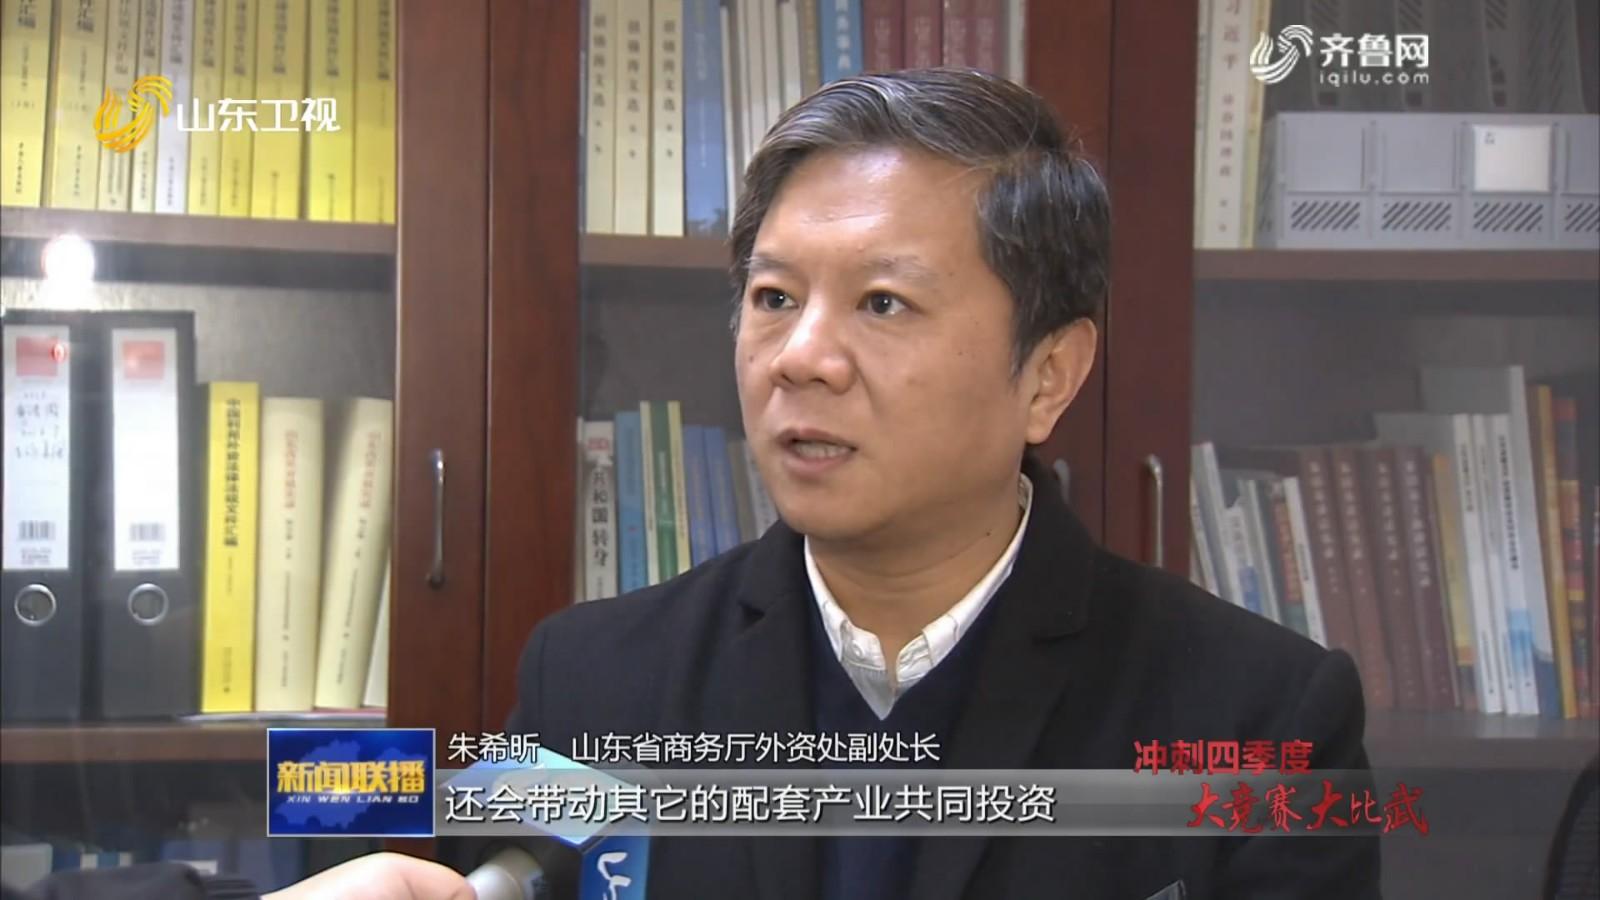 山东:深化与日韩经贸合作 打造对外开放新高地